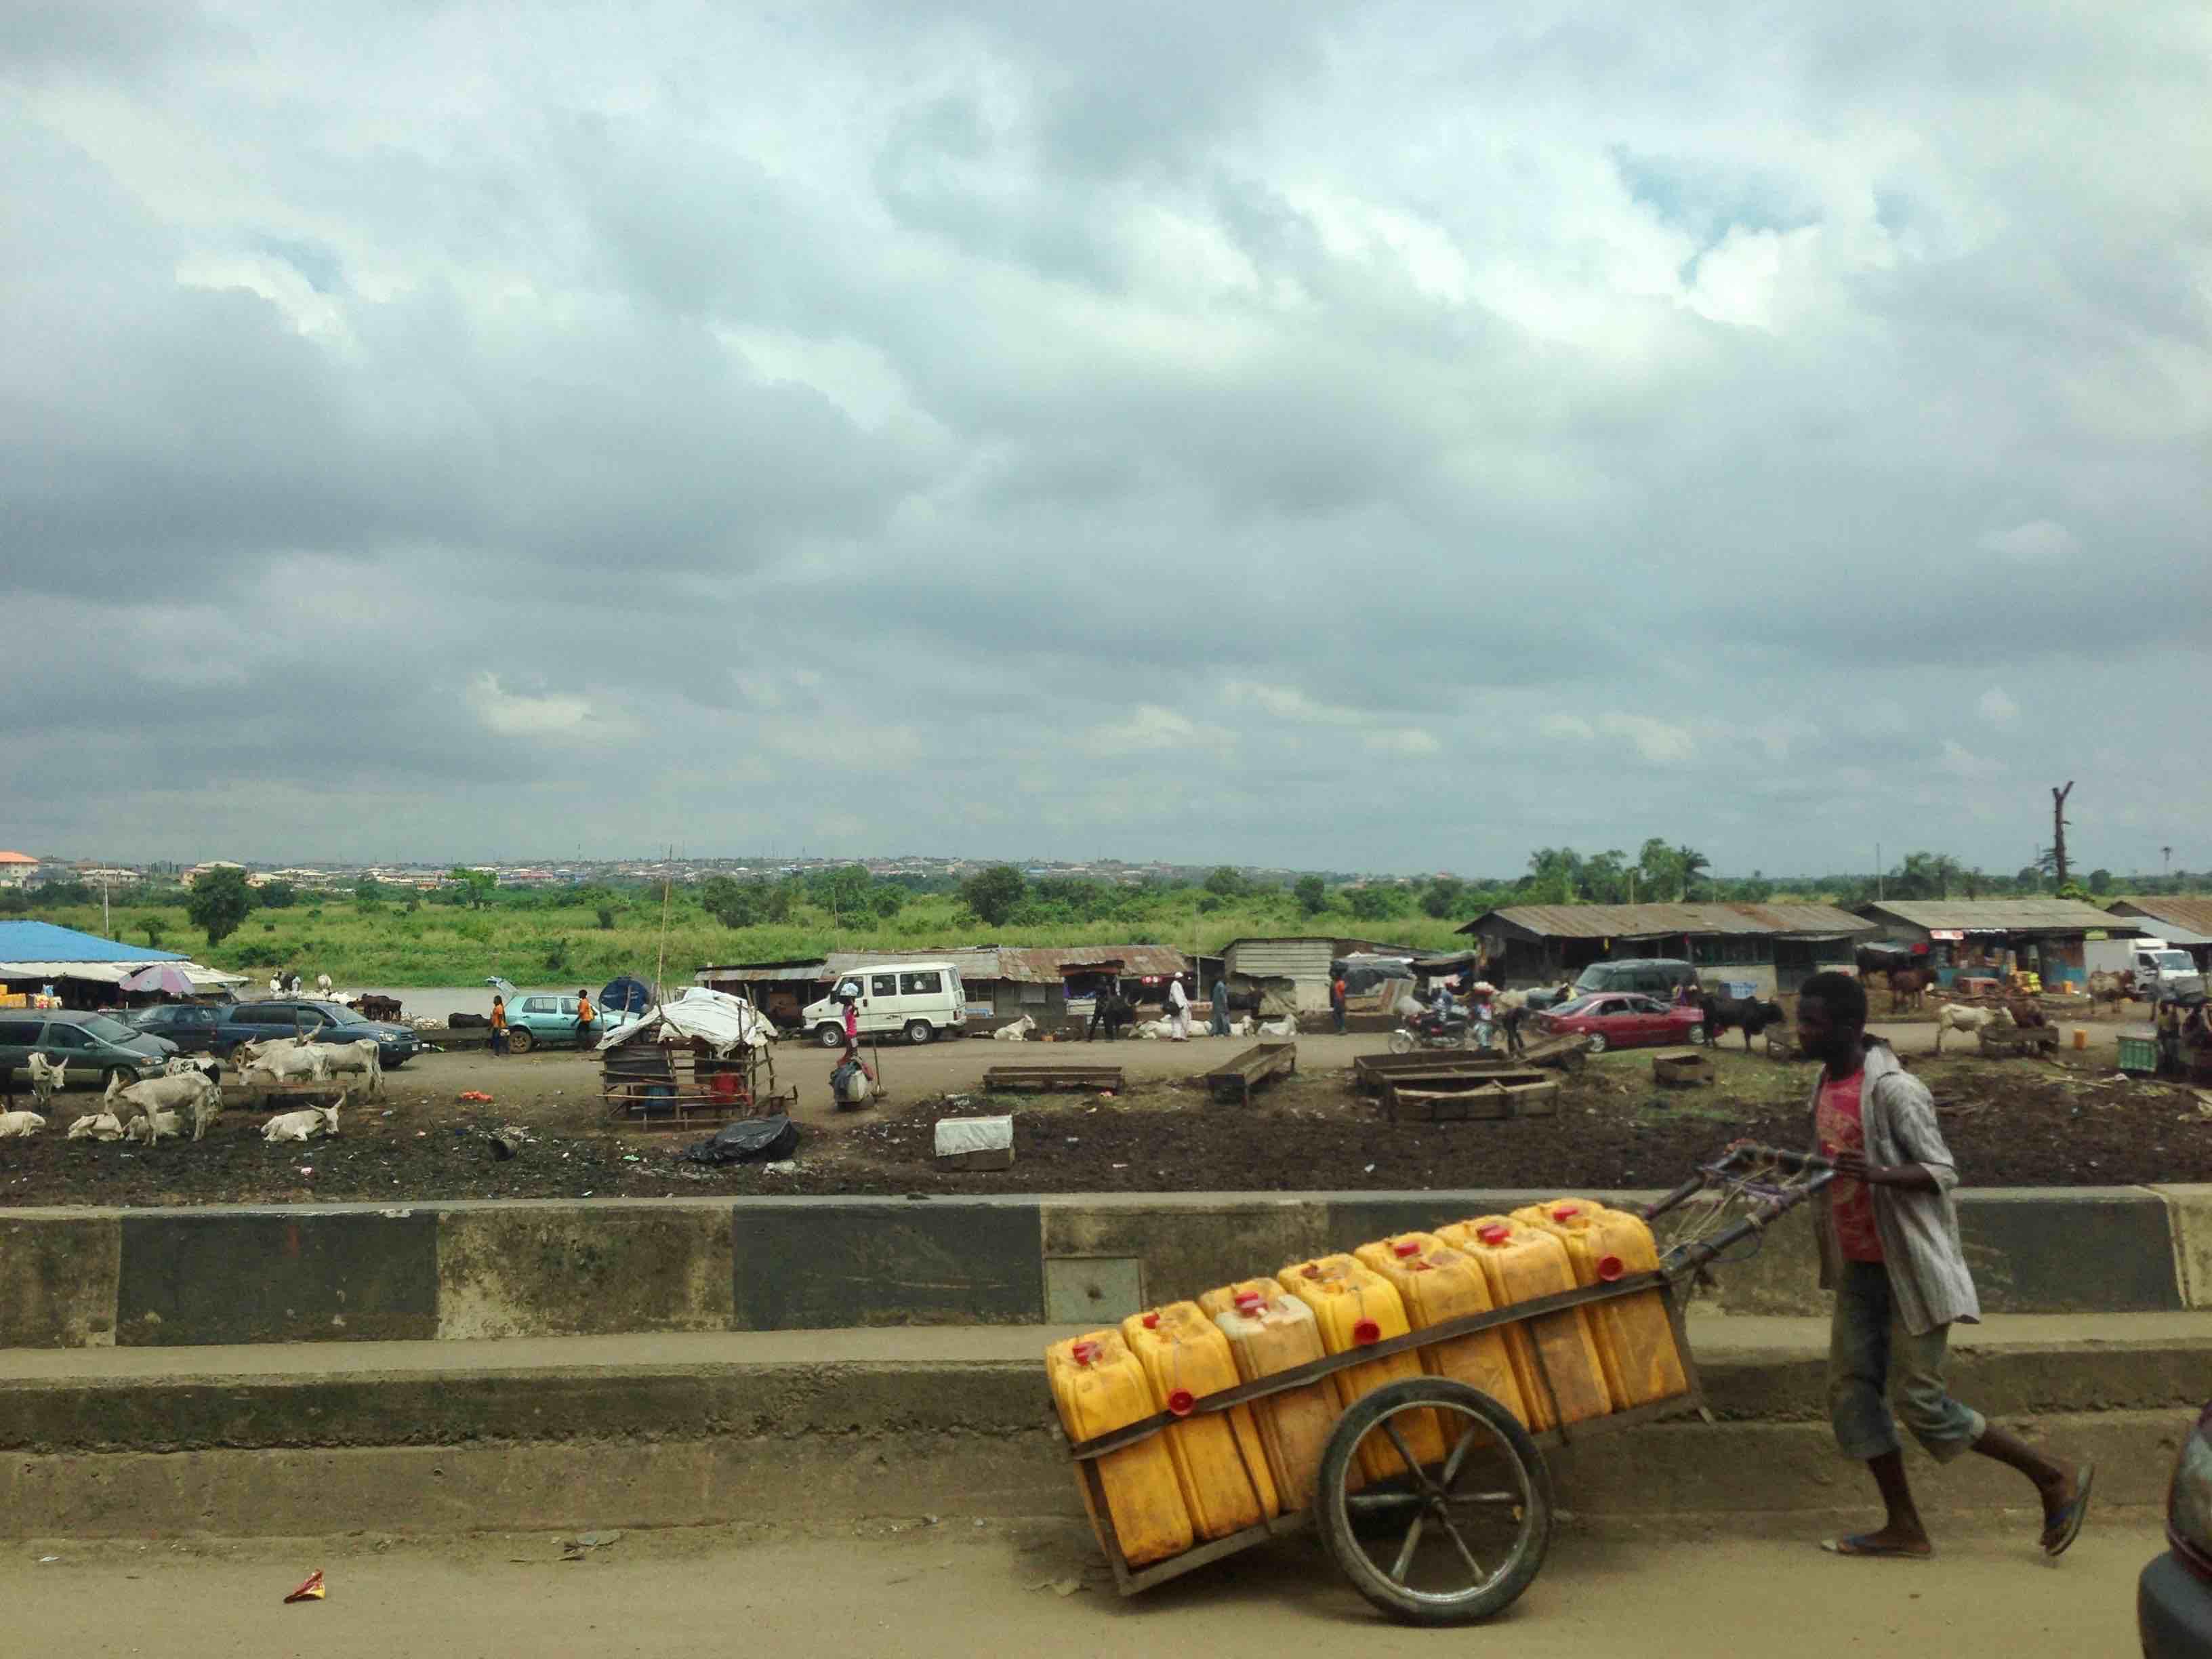 Street hawking water in Lagos, Nigeria. #JujuFilms